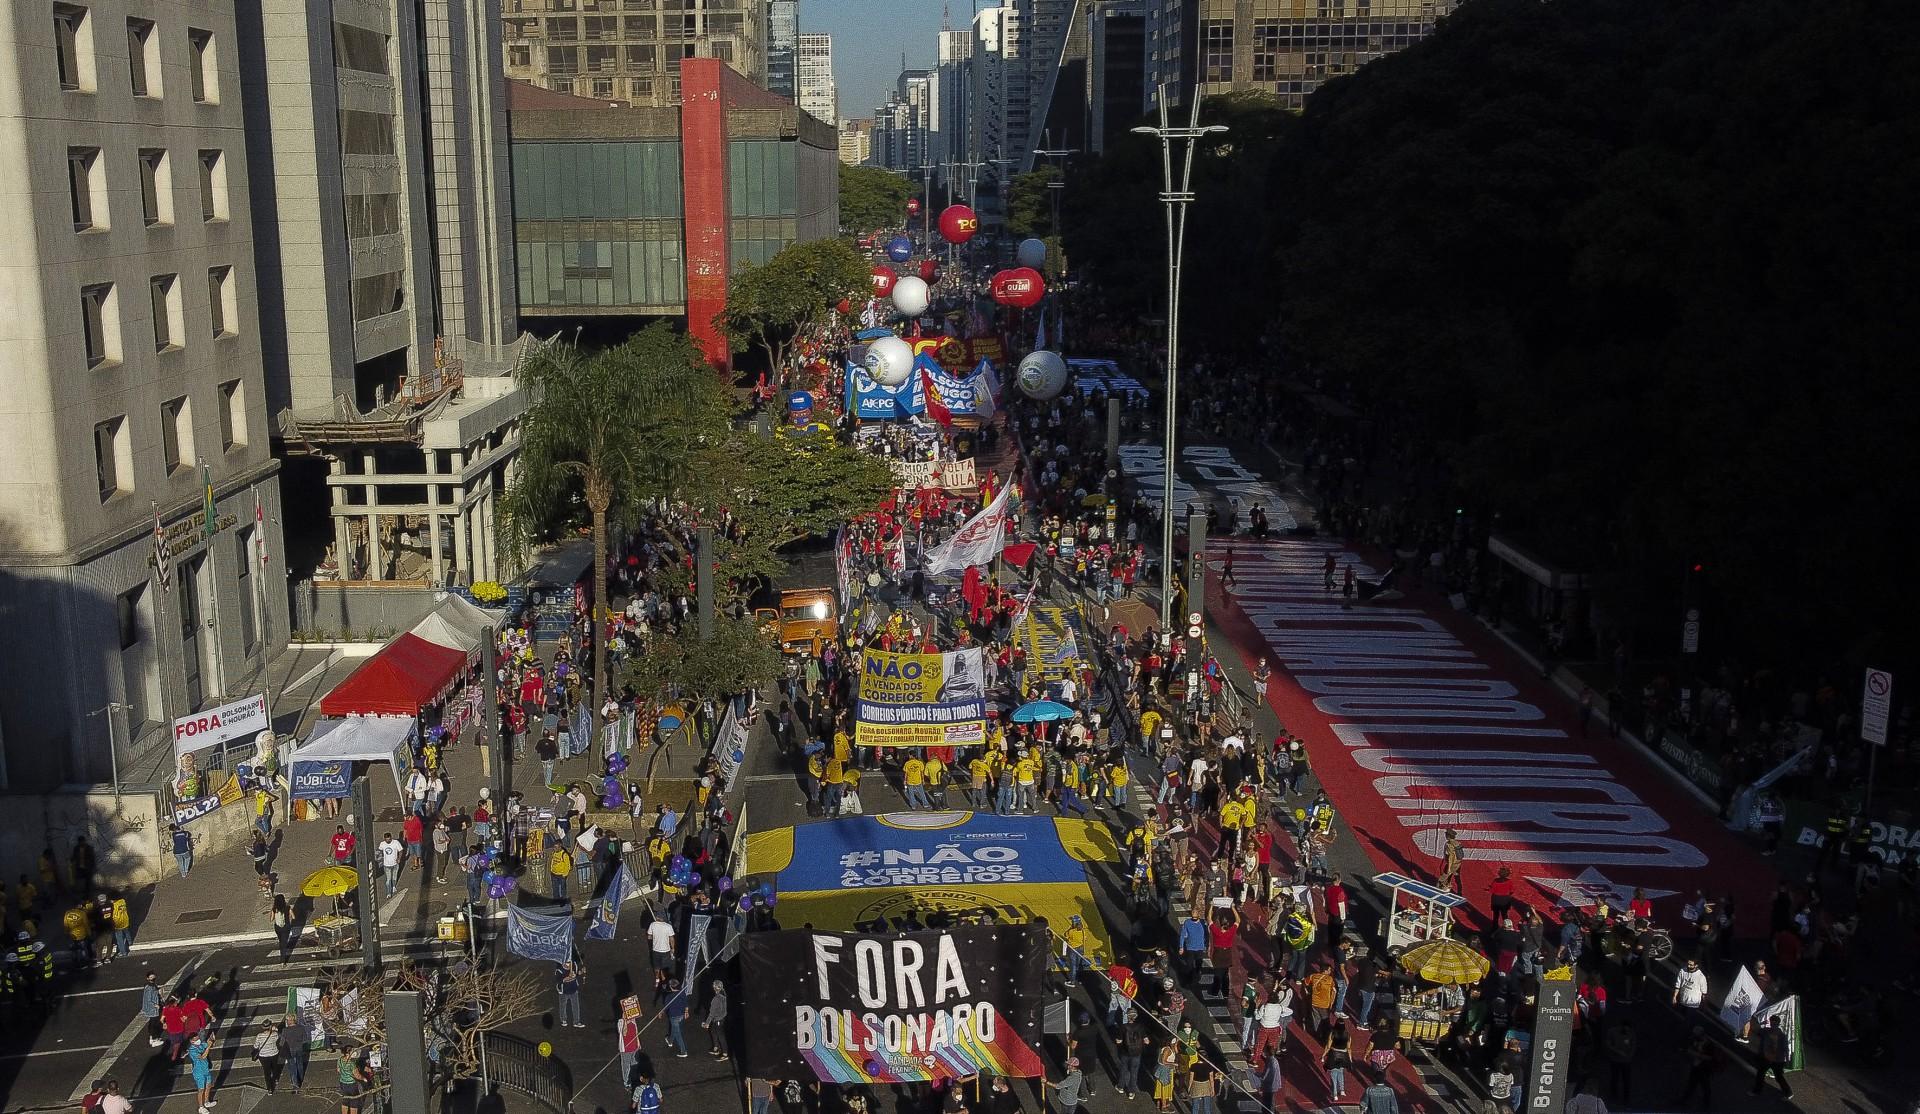 Cerca de oito quarteirões da Avenida Paulista foram ocupados pelo ato de ontem (Foto: AFP)